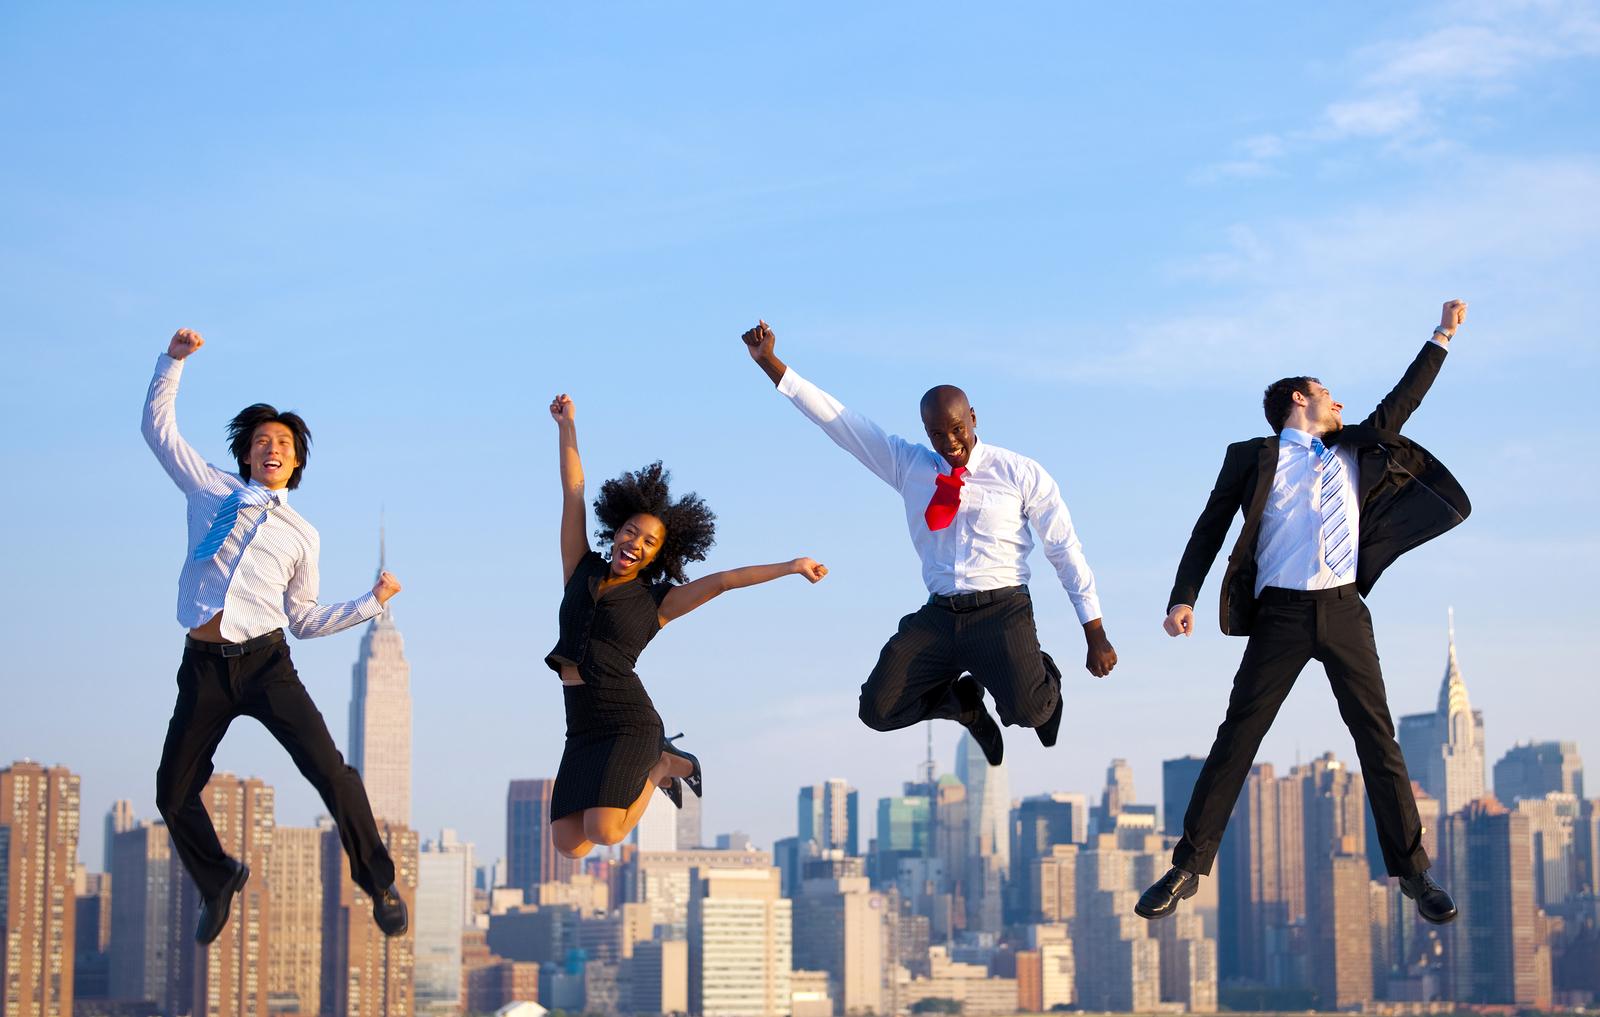 5 bước hoàn hảo để vượt qua thất bại